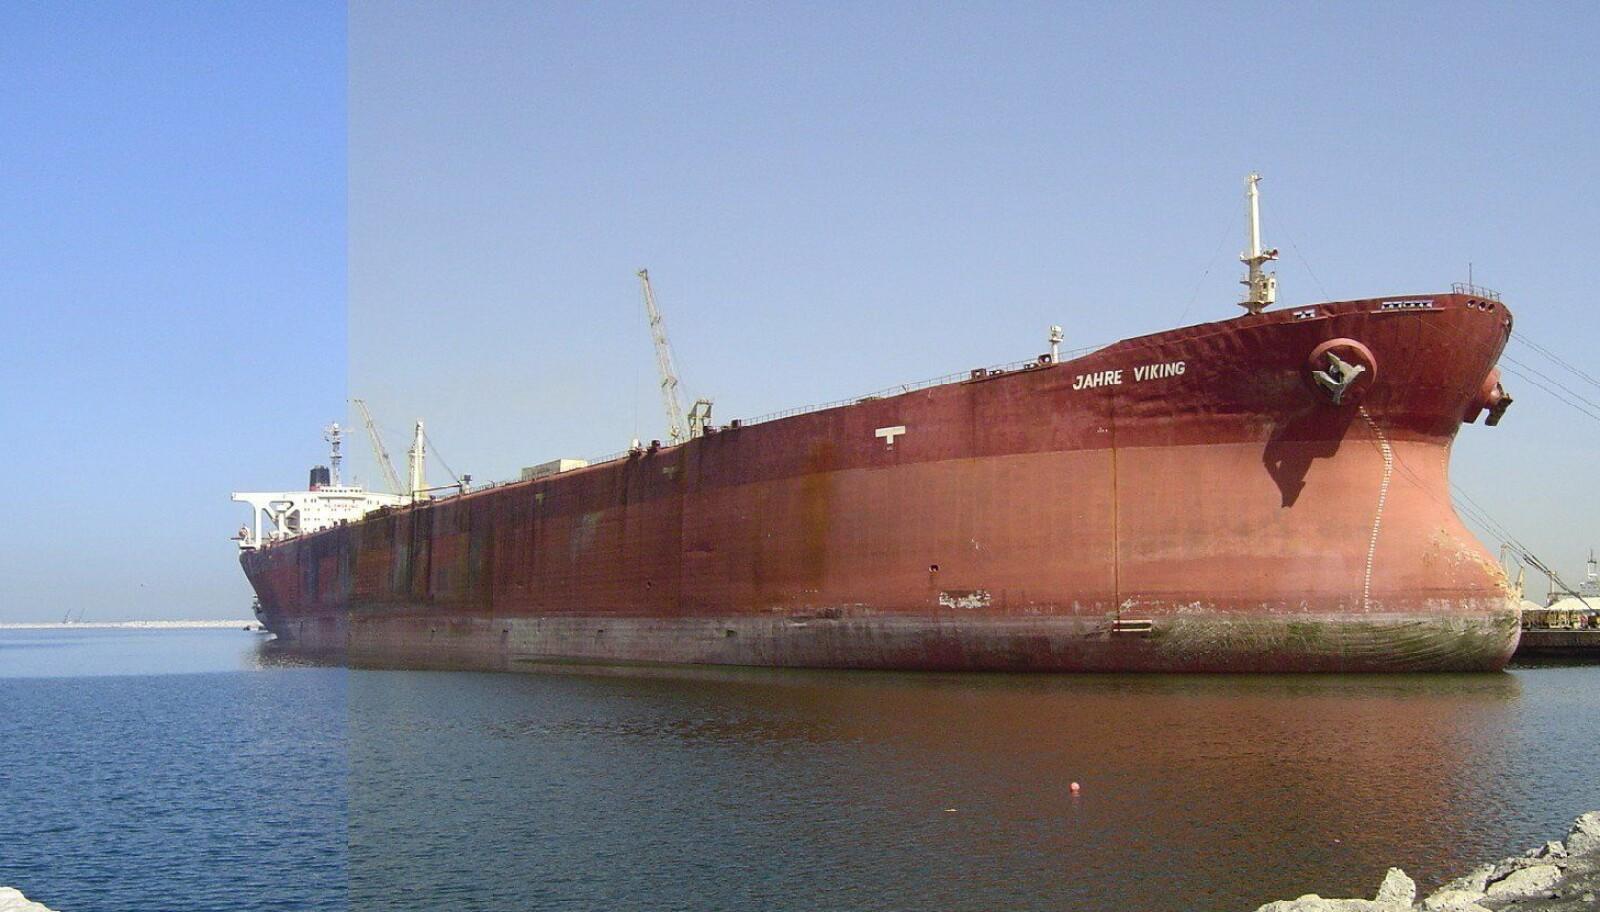 DEN STØRSTE: Jahre Viking er verdens største skip, og måler 458,45 meter.